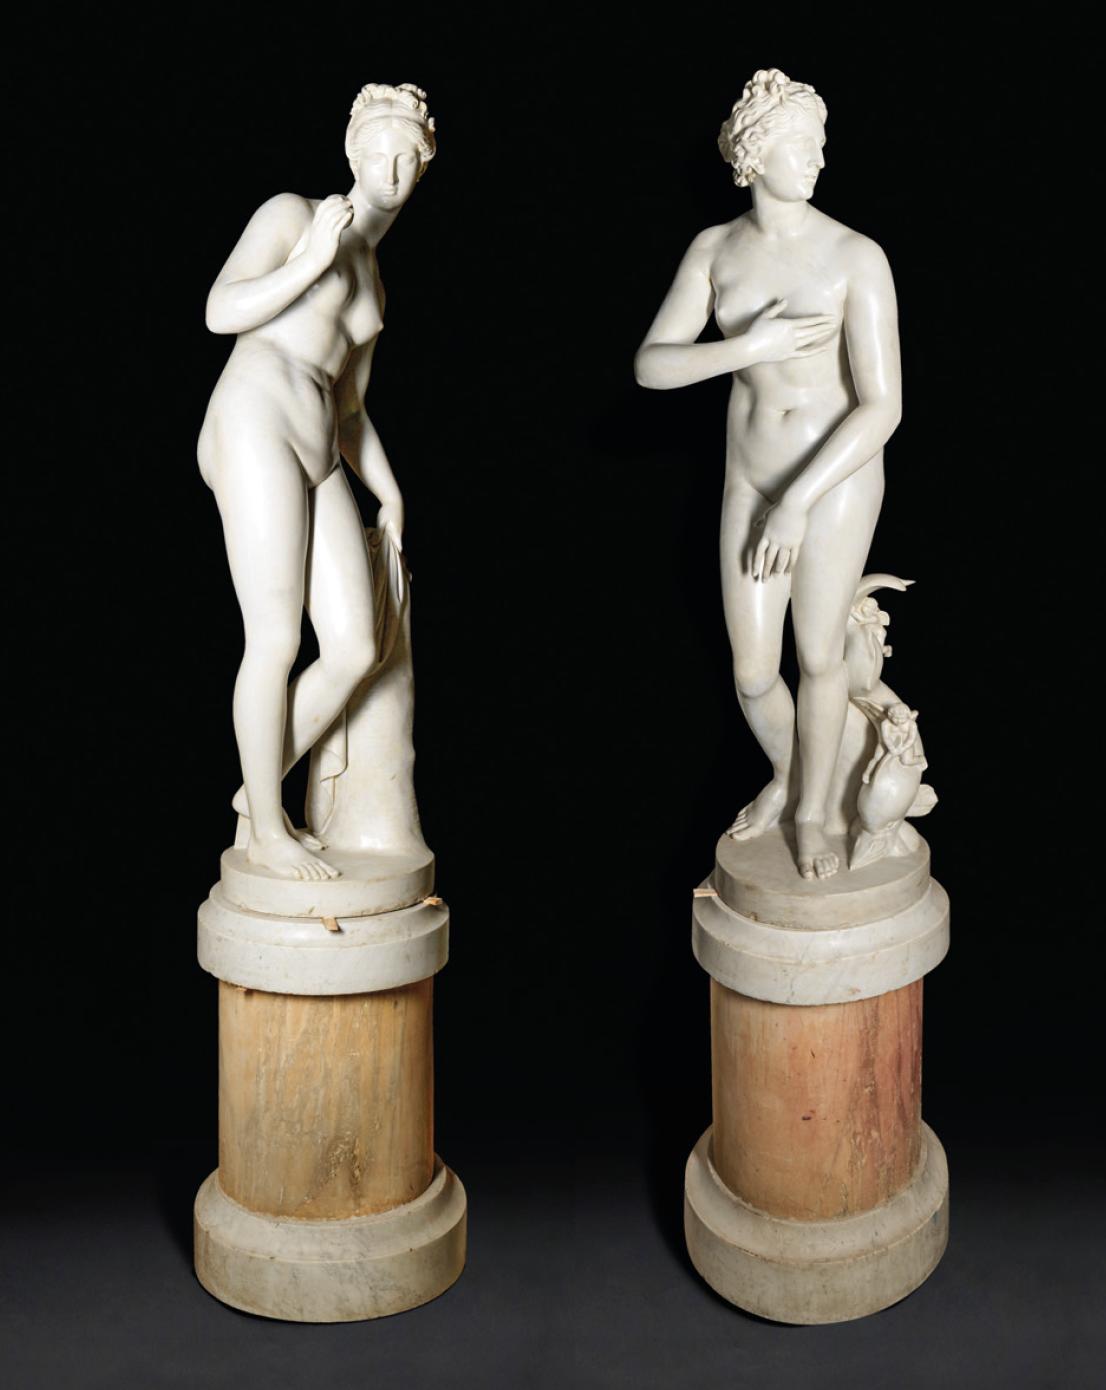 Vente Mobilier et Objets d'art - Tableaux et Sculptures chez Kohn : 226 lots